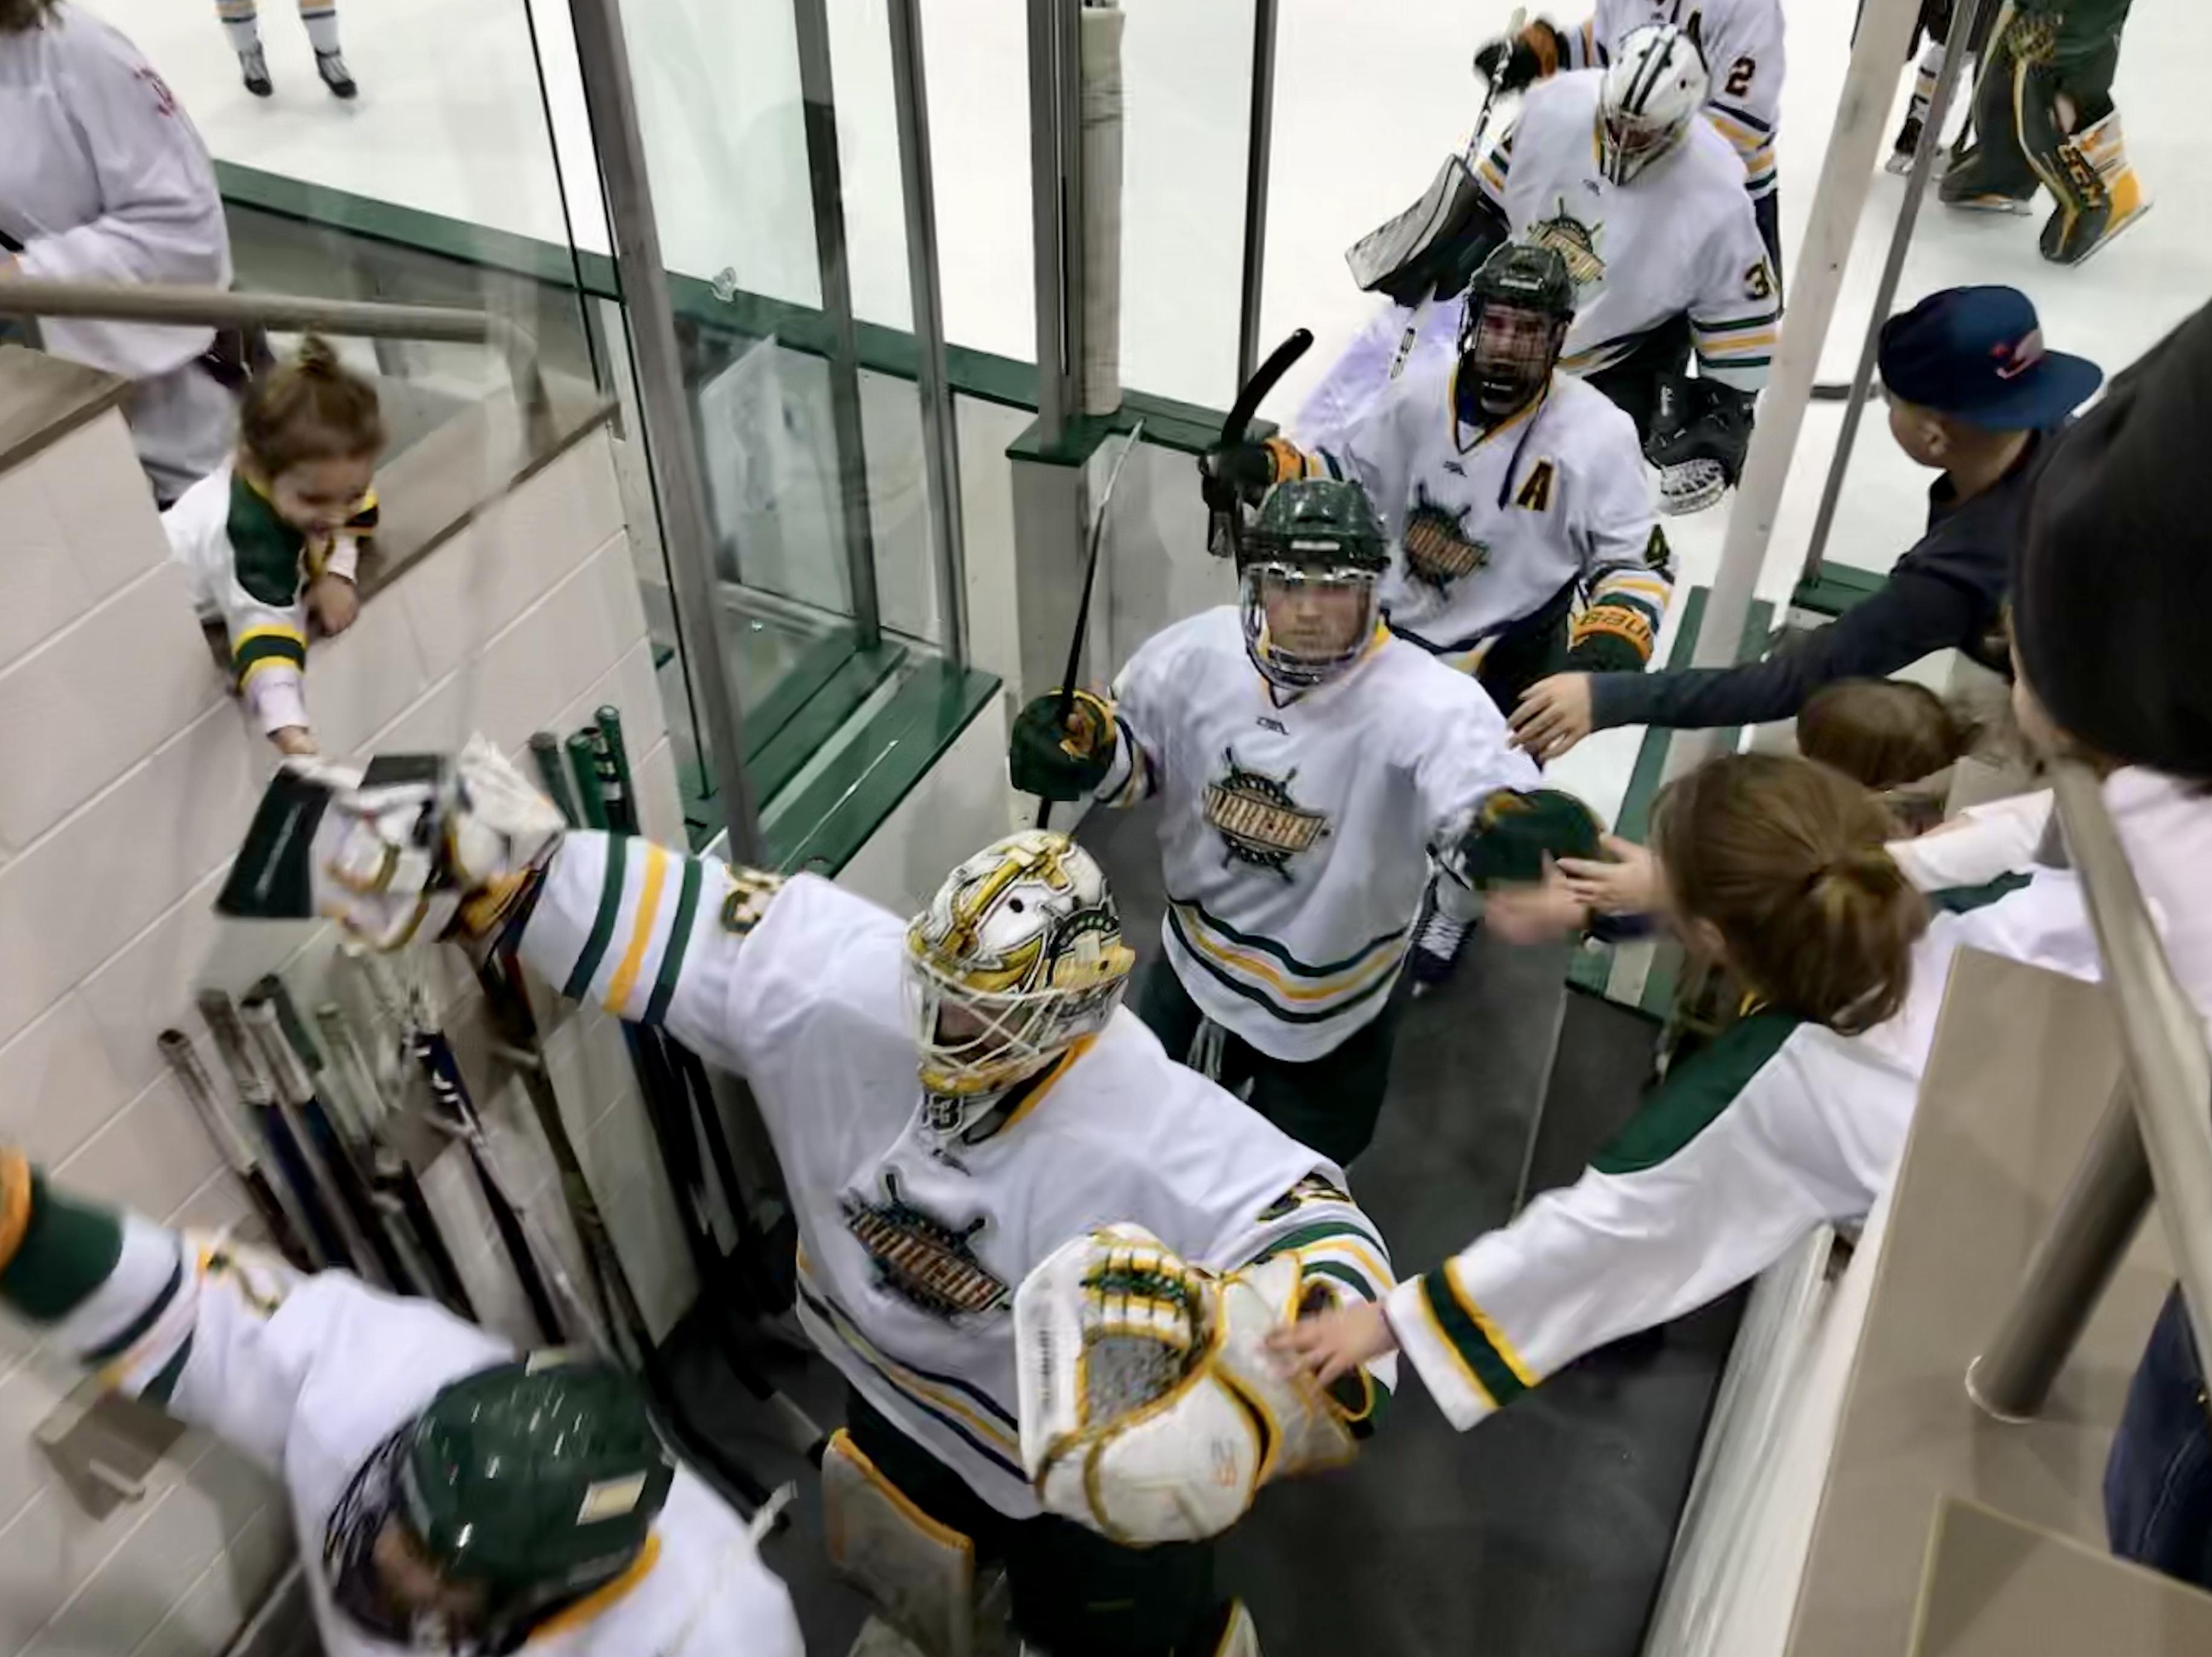 Men's hockey team high fives fans